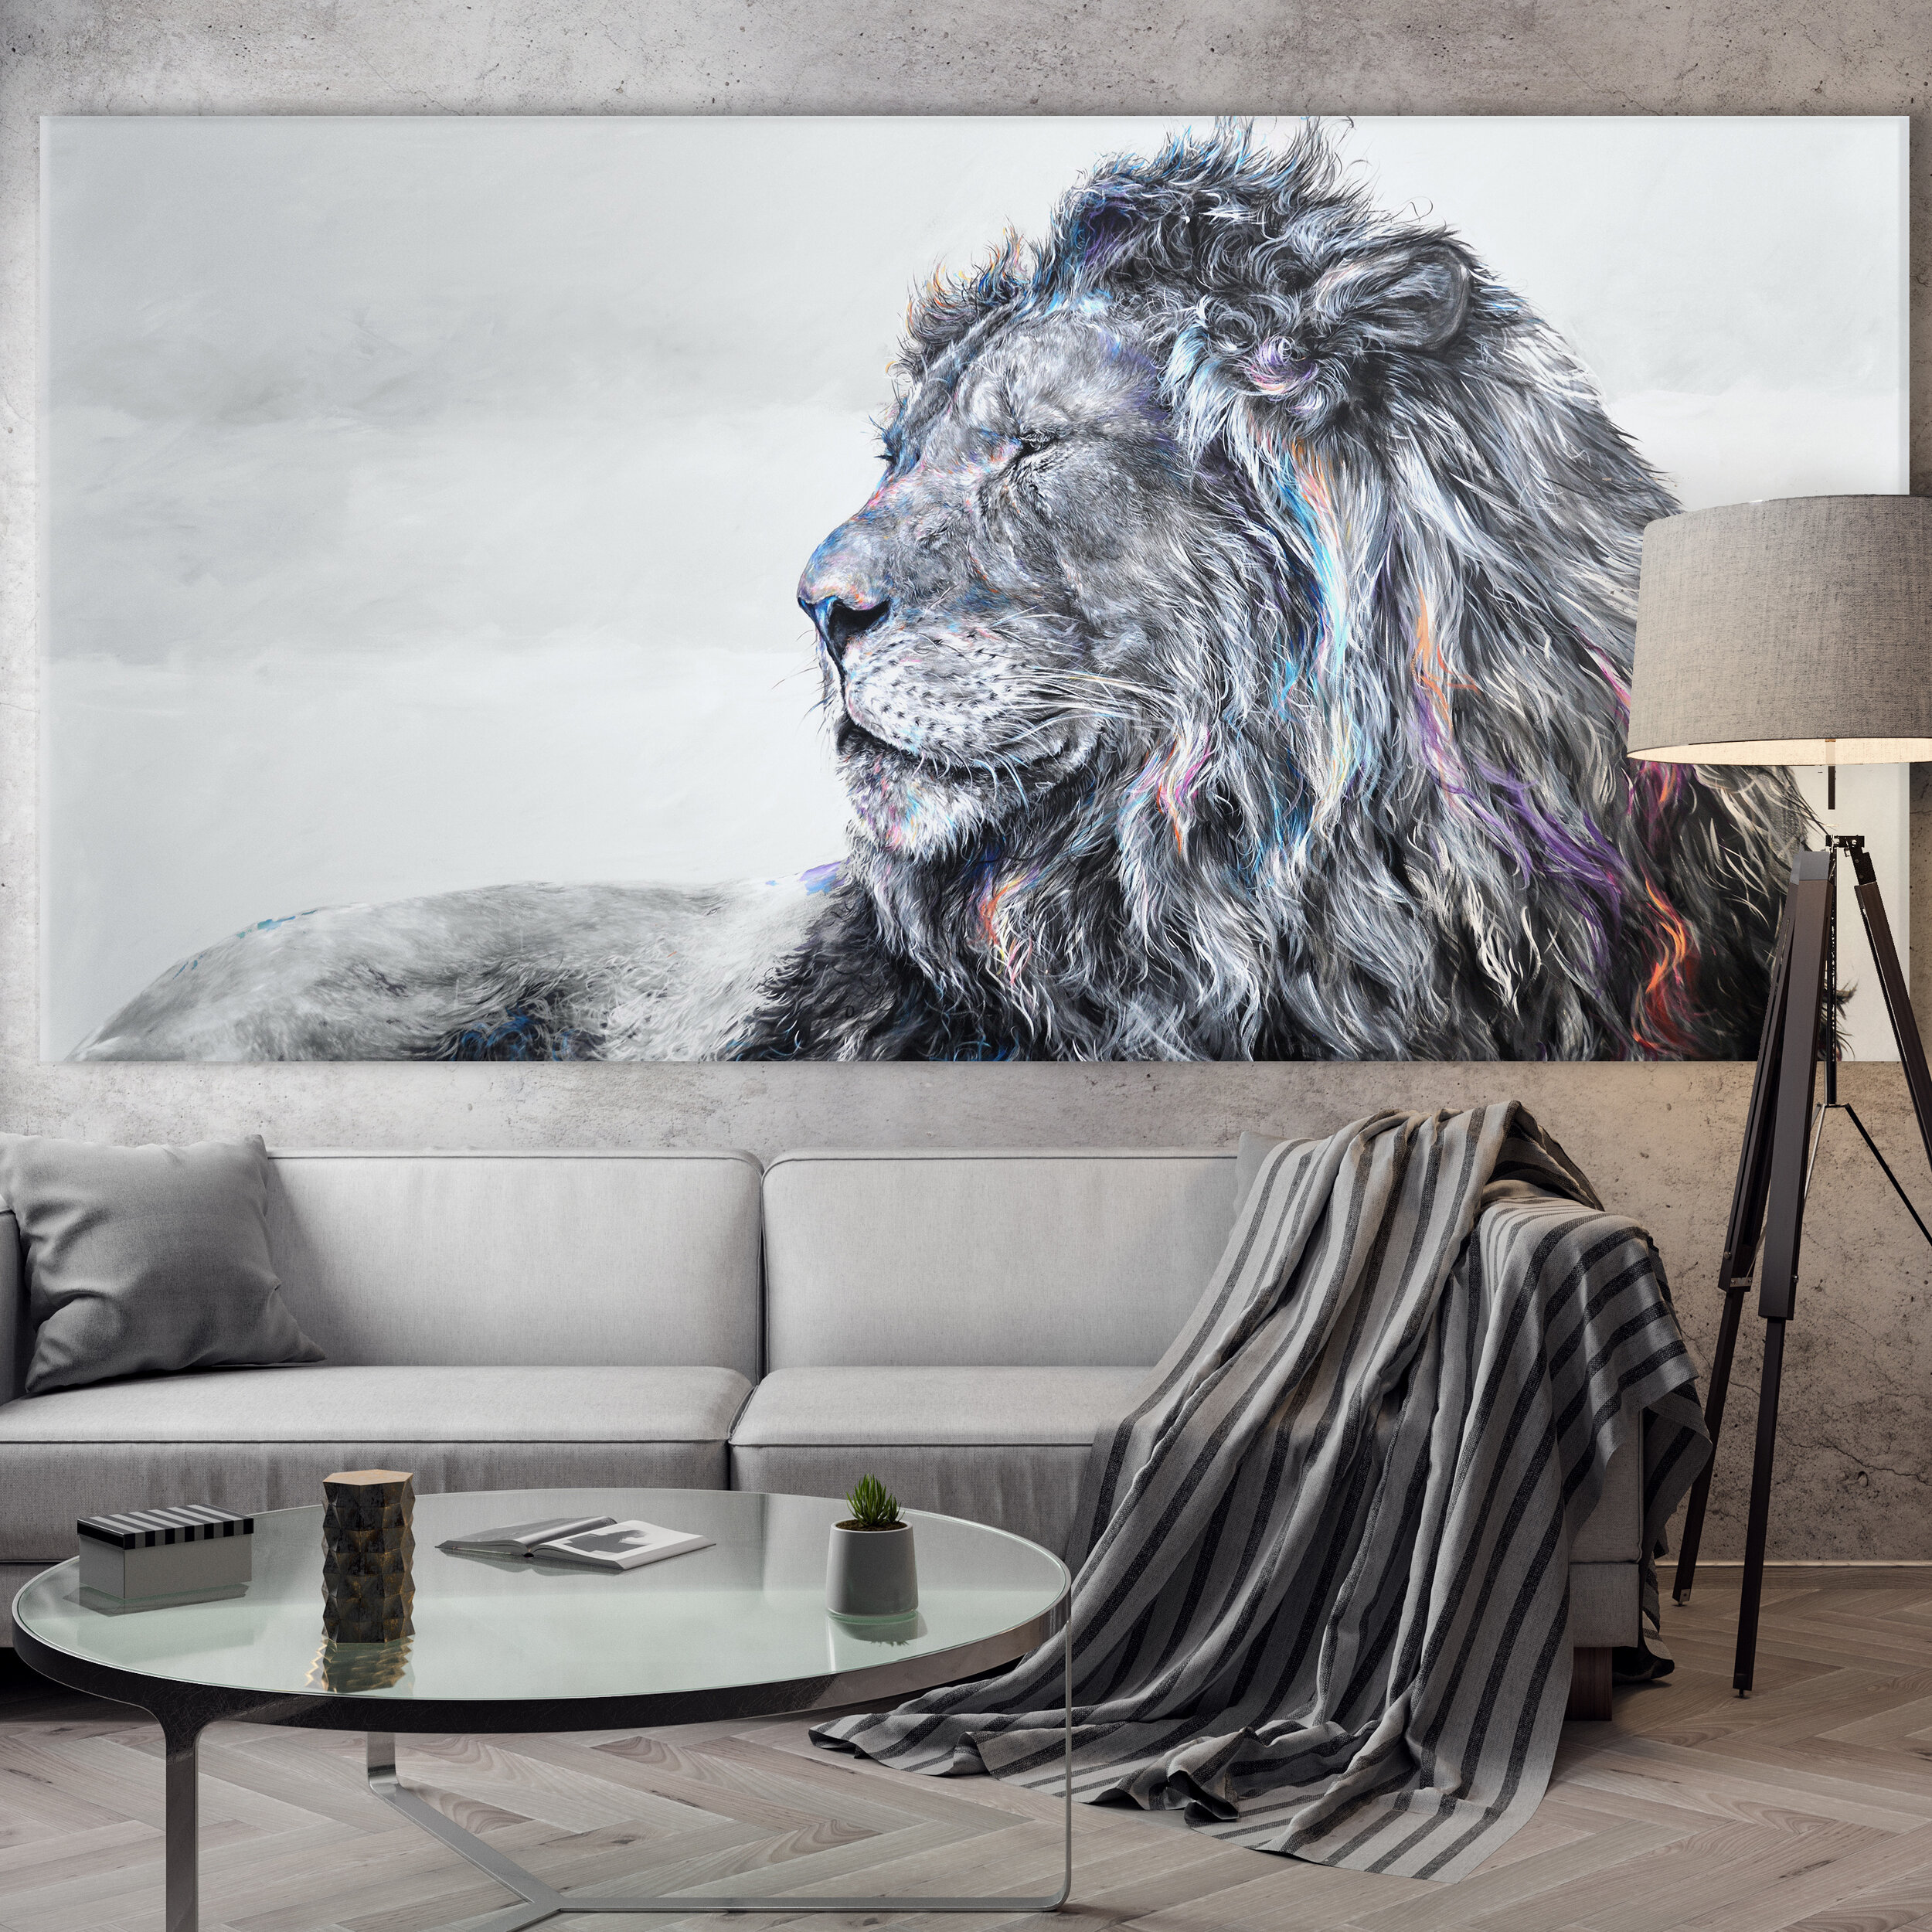 Mockup Poster in the interior, 3D illustration of a modern desig